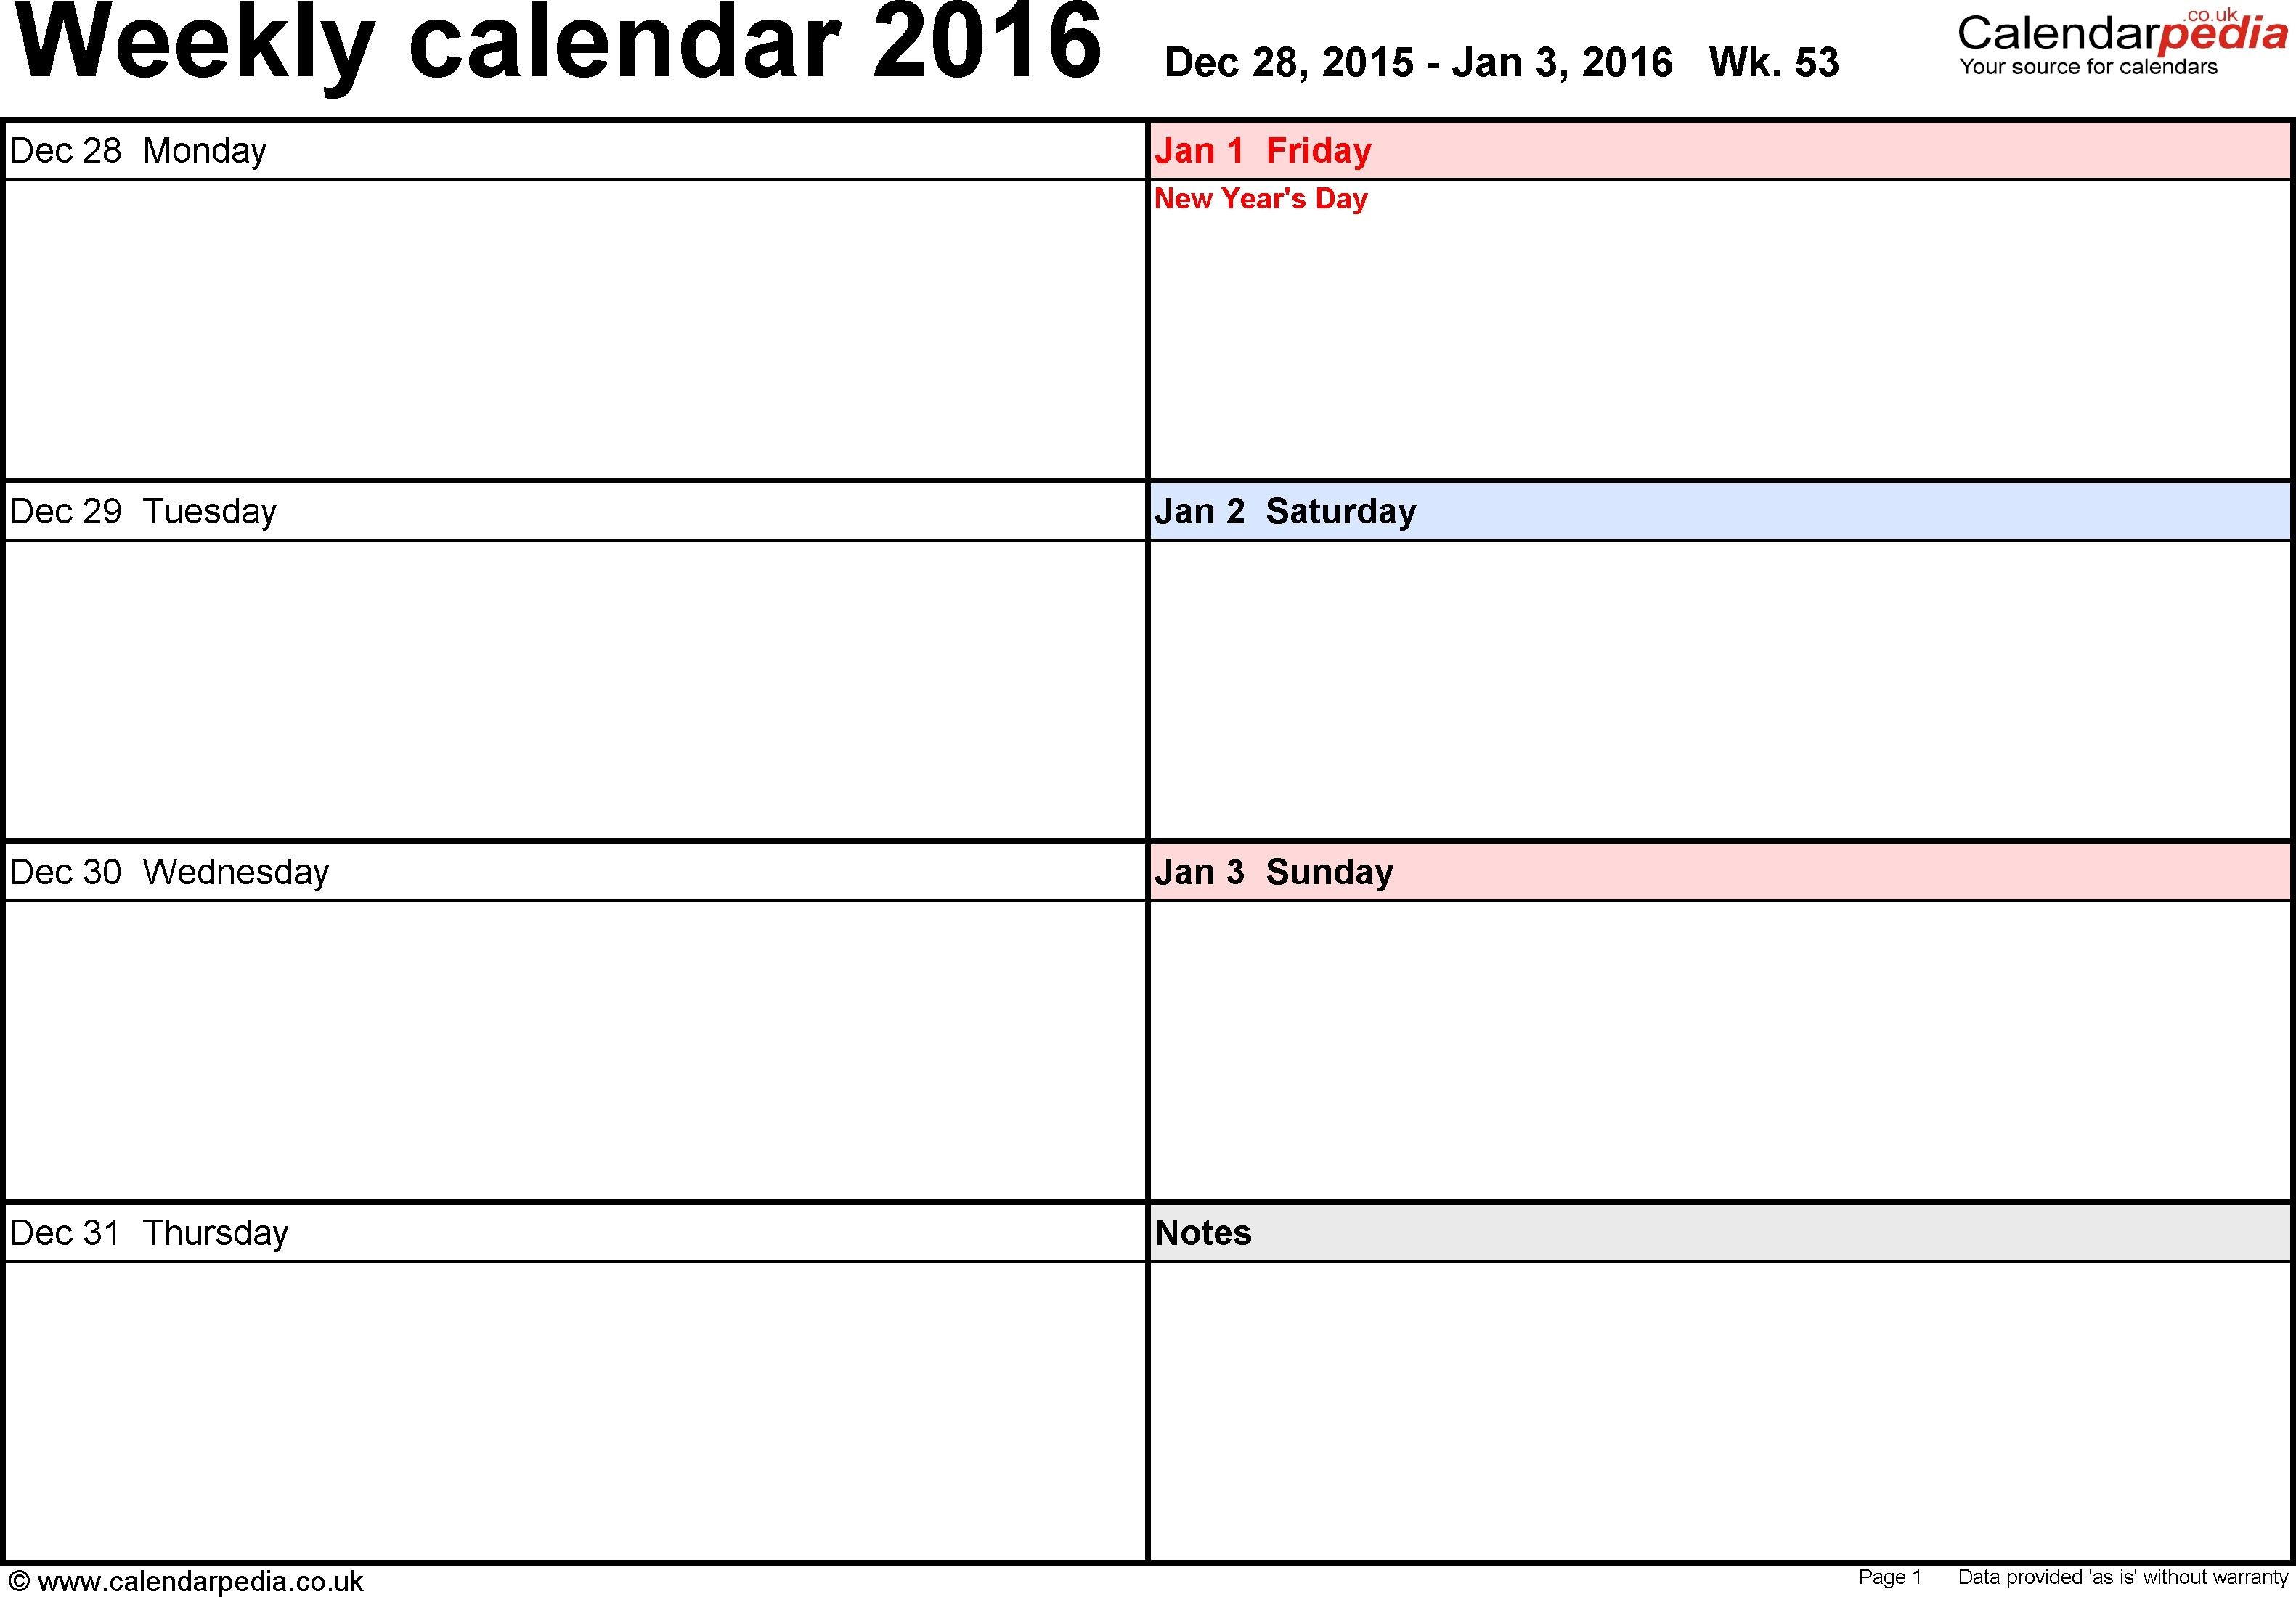 Schedule Template Week Calendar Excel Free Weekly Templates For | Smorad Calendar Template 1 Week